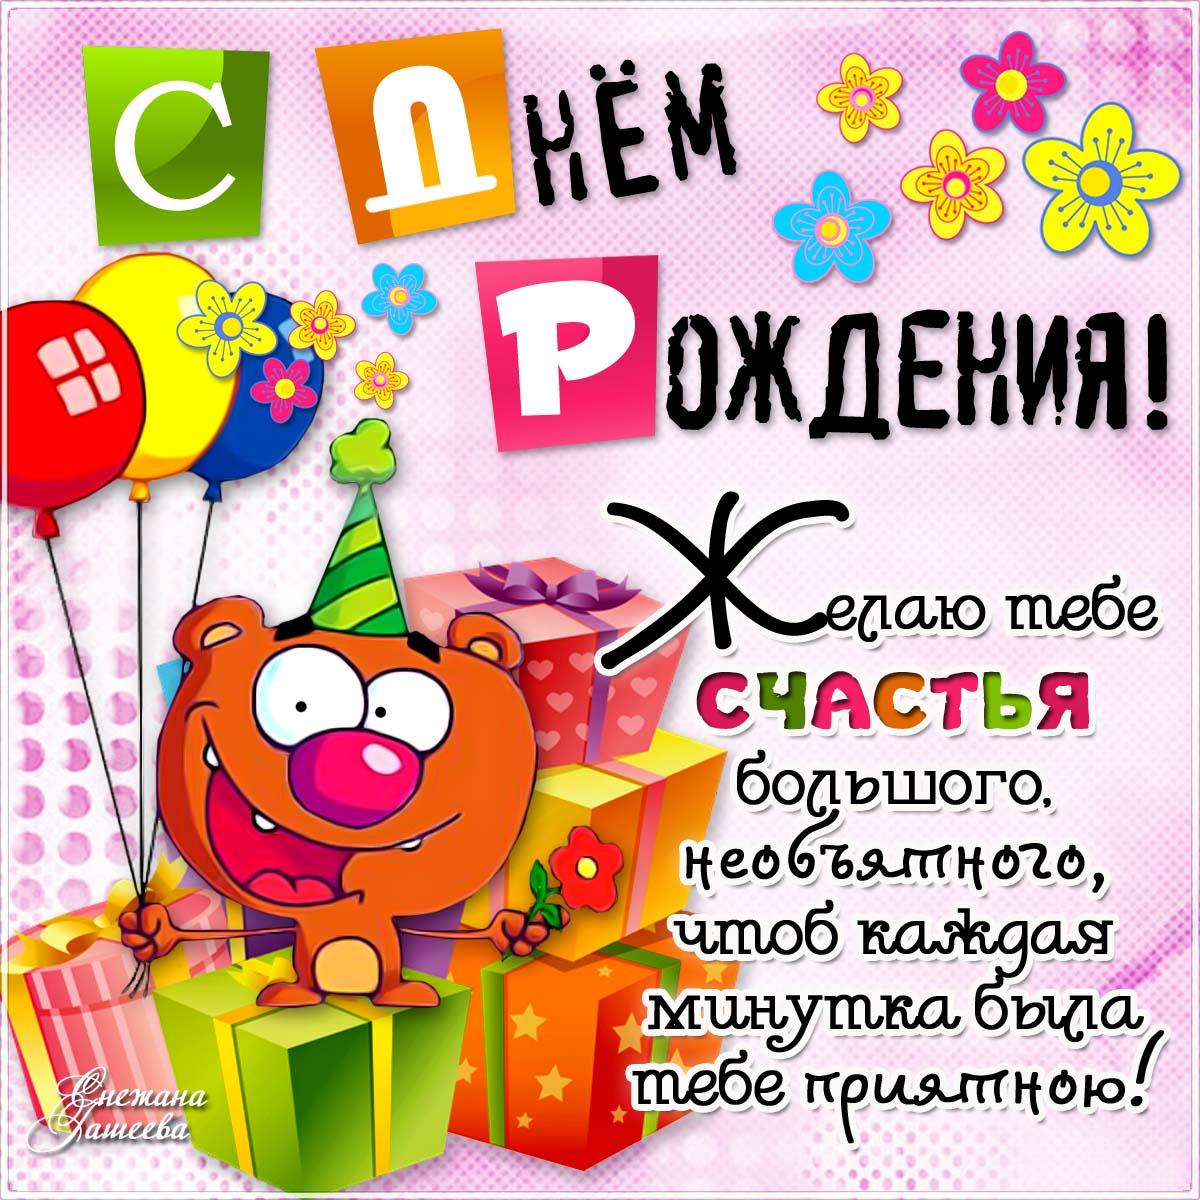 Поздравления с днем рожденья для рокерши